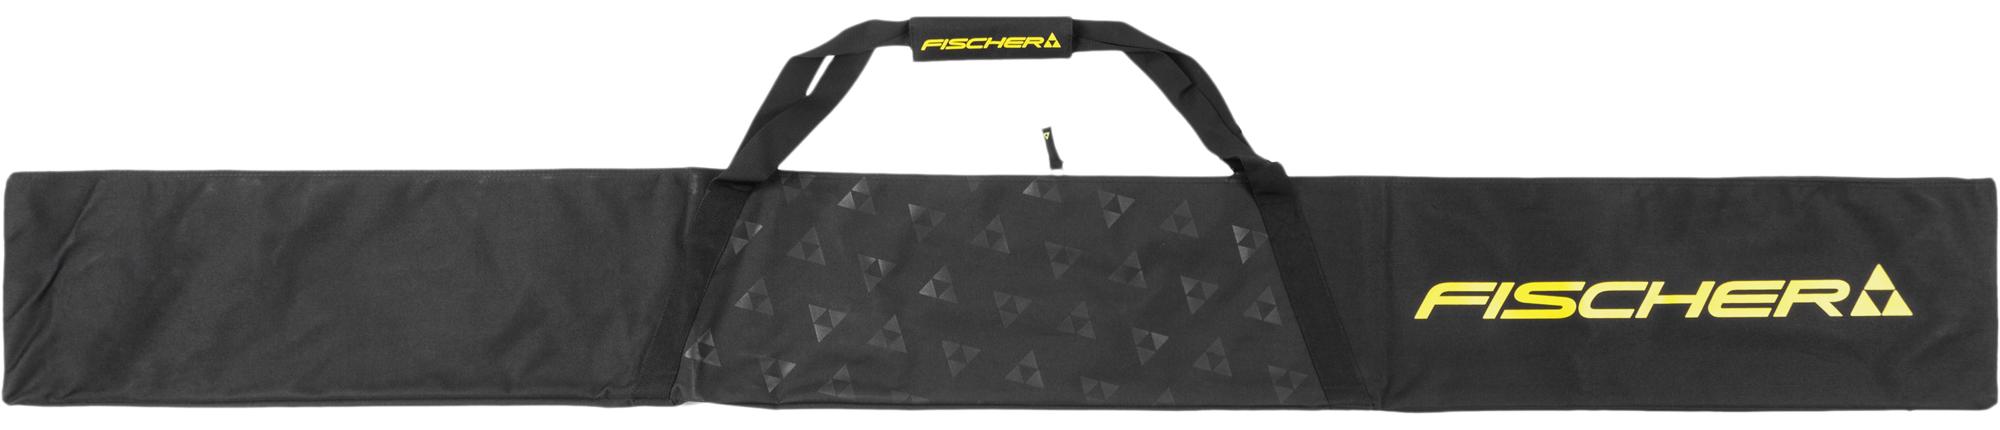 Чехол для беговых лыж Fischer Economy XC NC, 195 см купить в интернет-магазине, цена